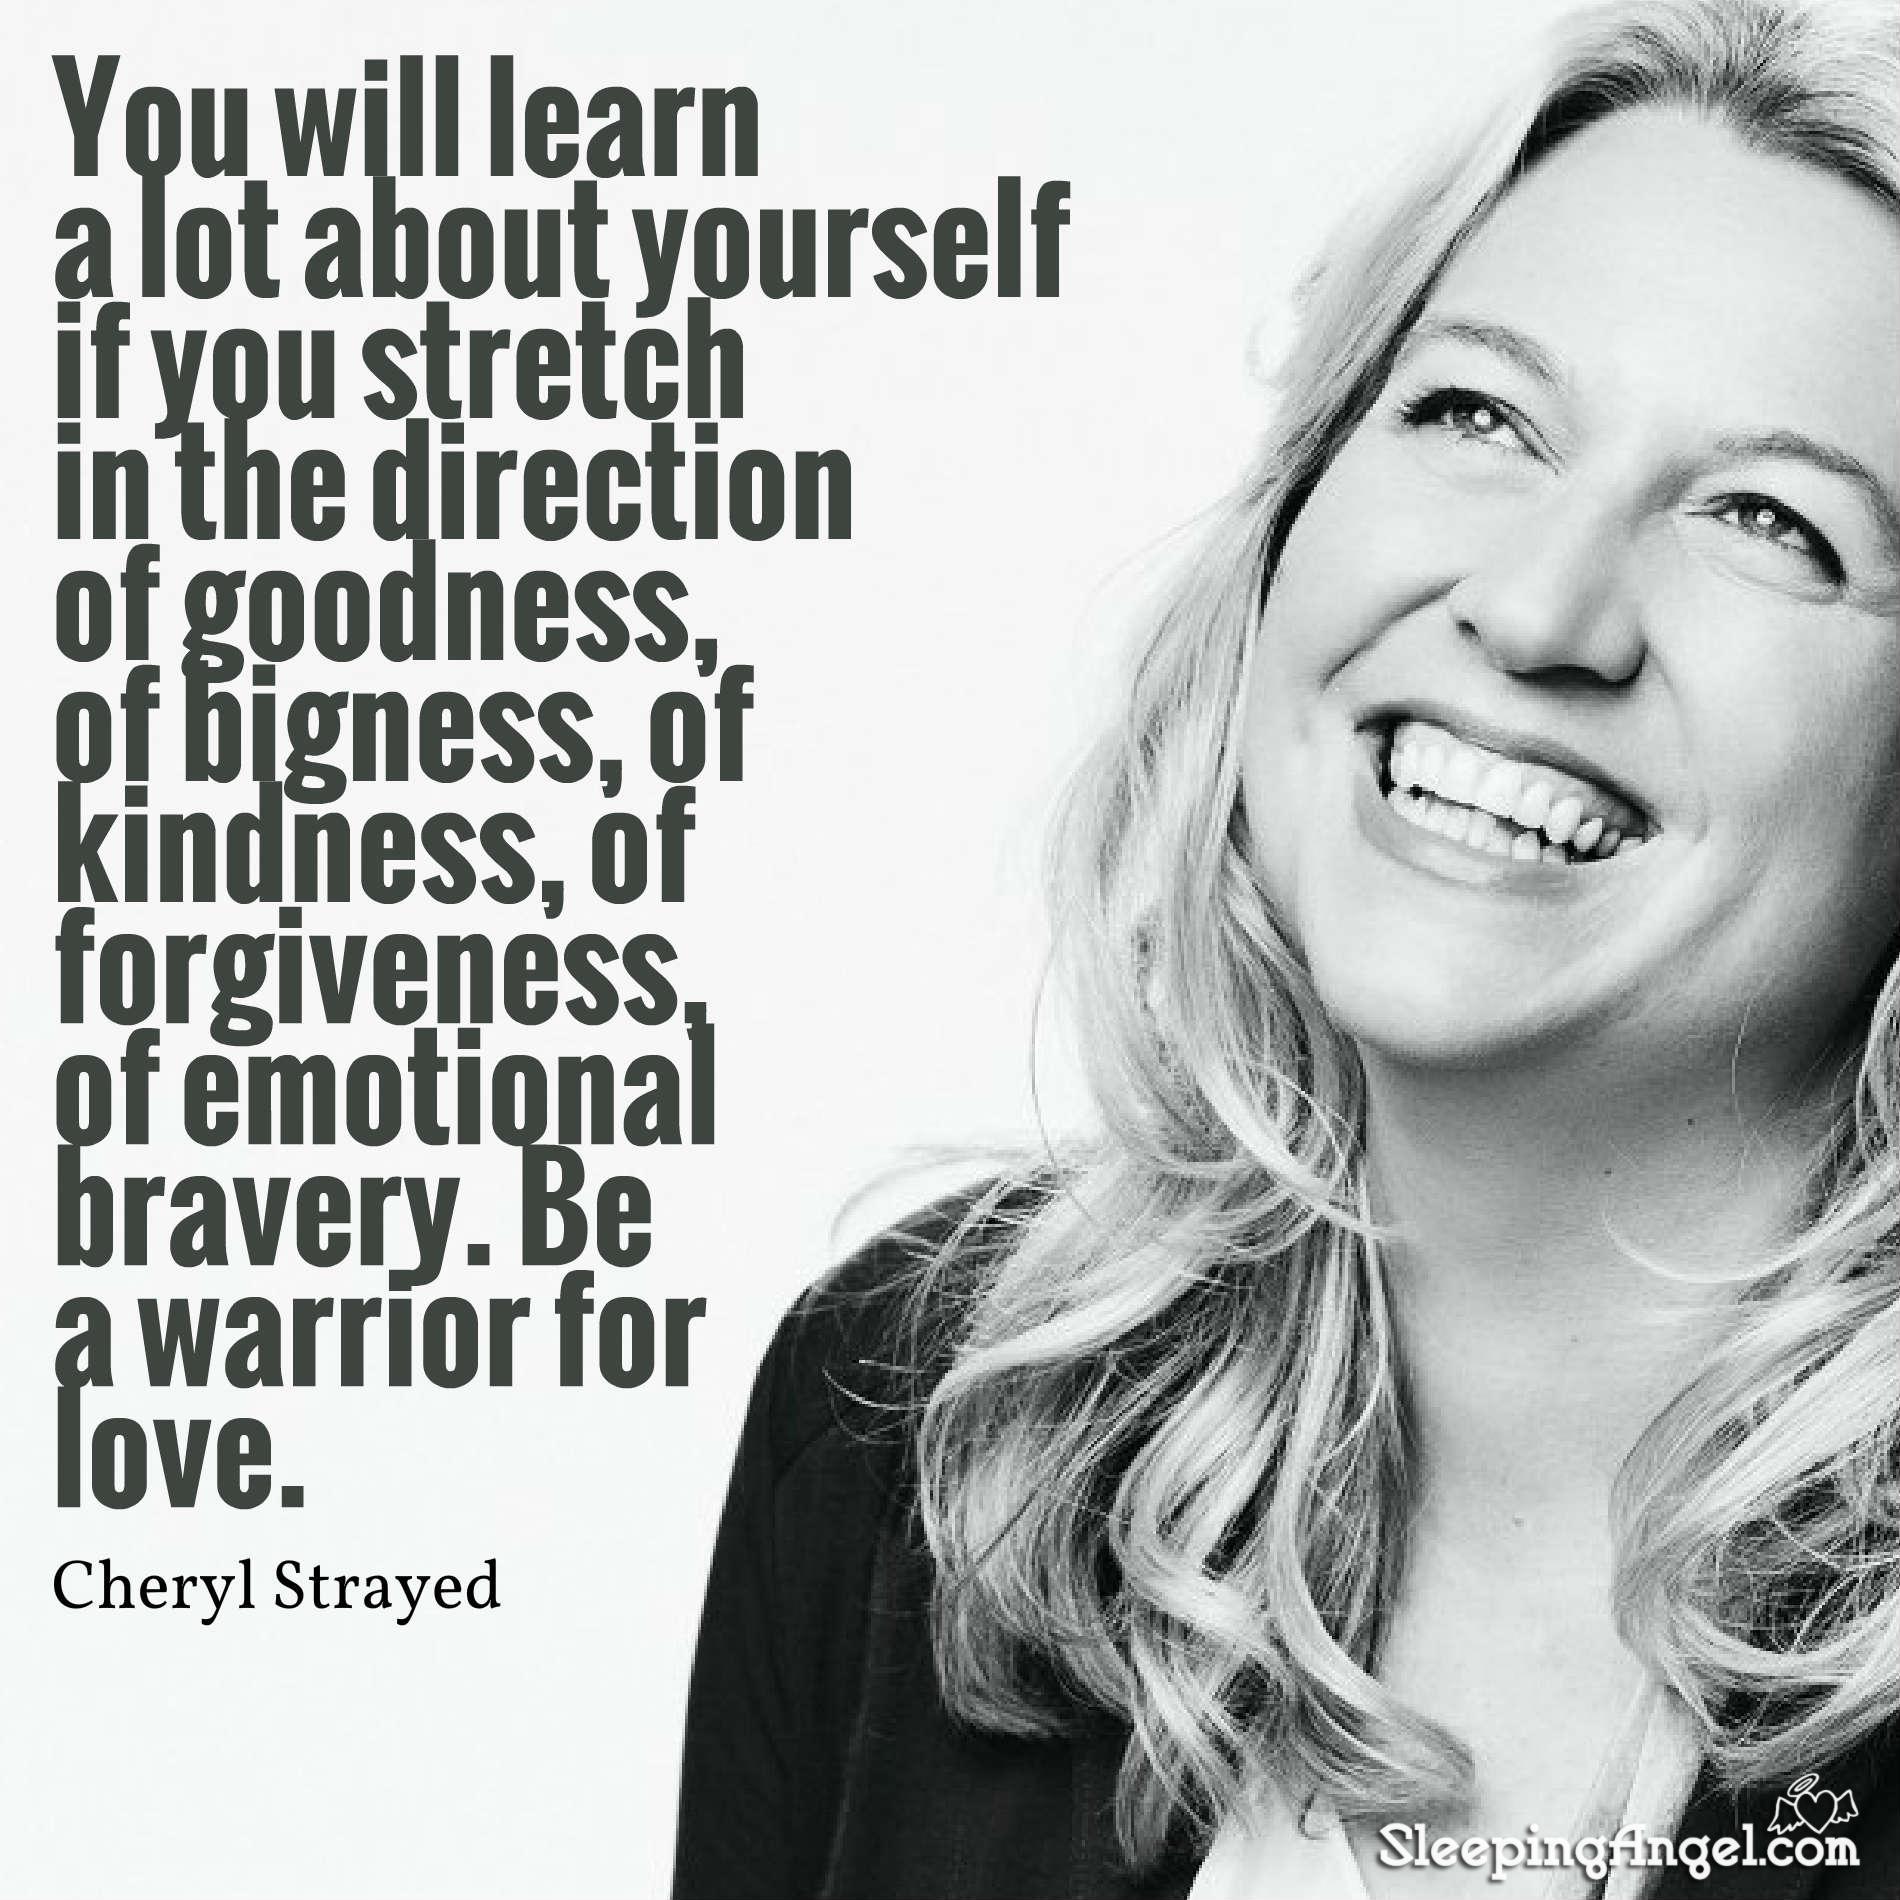 Cheryl Strayed Quote